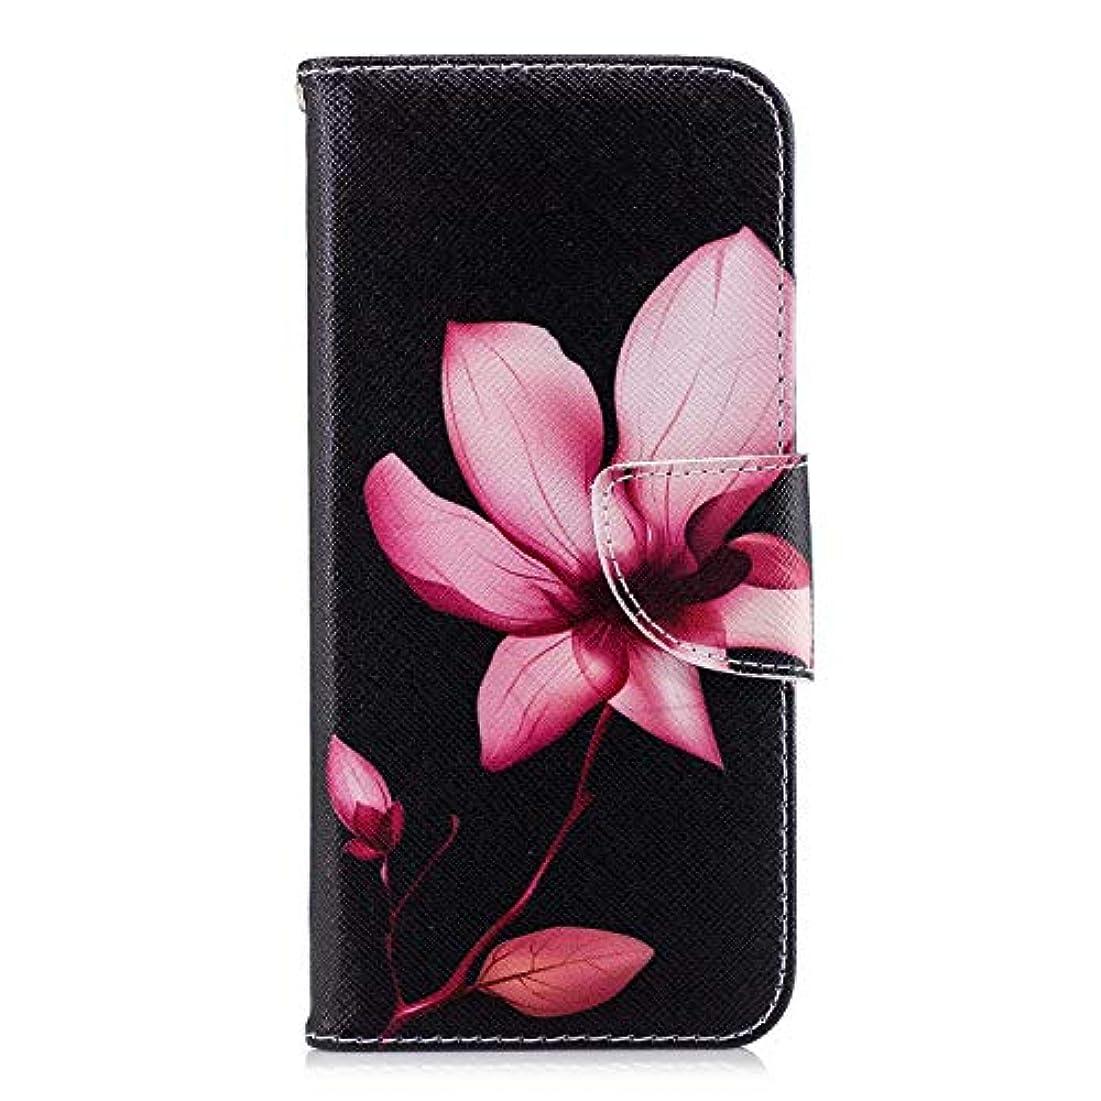 腐った晩ごはんヤングOMATENTI Huawei Honor 10 ケース, ファッション人気 PUレザー 手帳 軽量 電話ケース 耐衝撃性 落下防止 薄型 スマホケースザー 付きスタンド機能, マグネット開閉式 そしてカード収納 Huawei Honor 10 用 Case Cover, 花